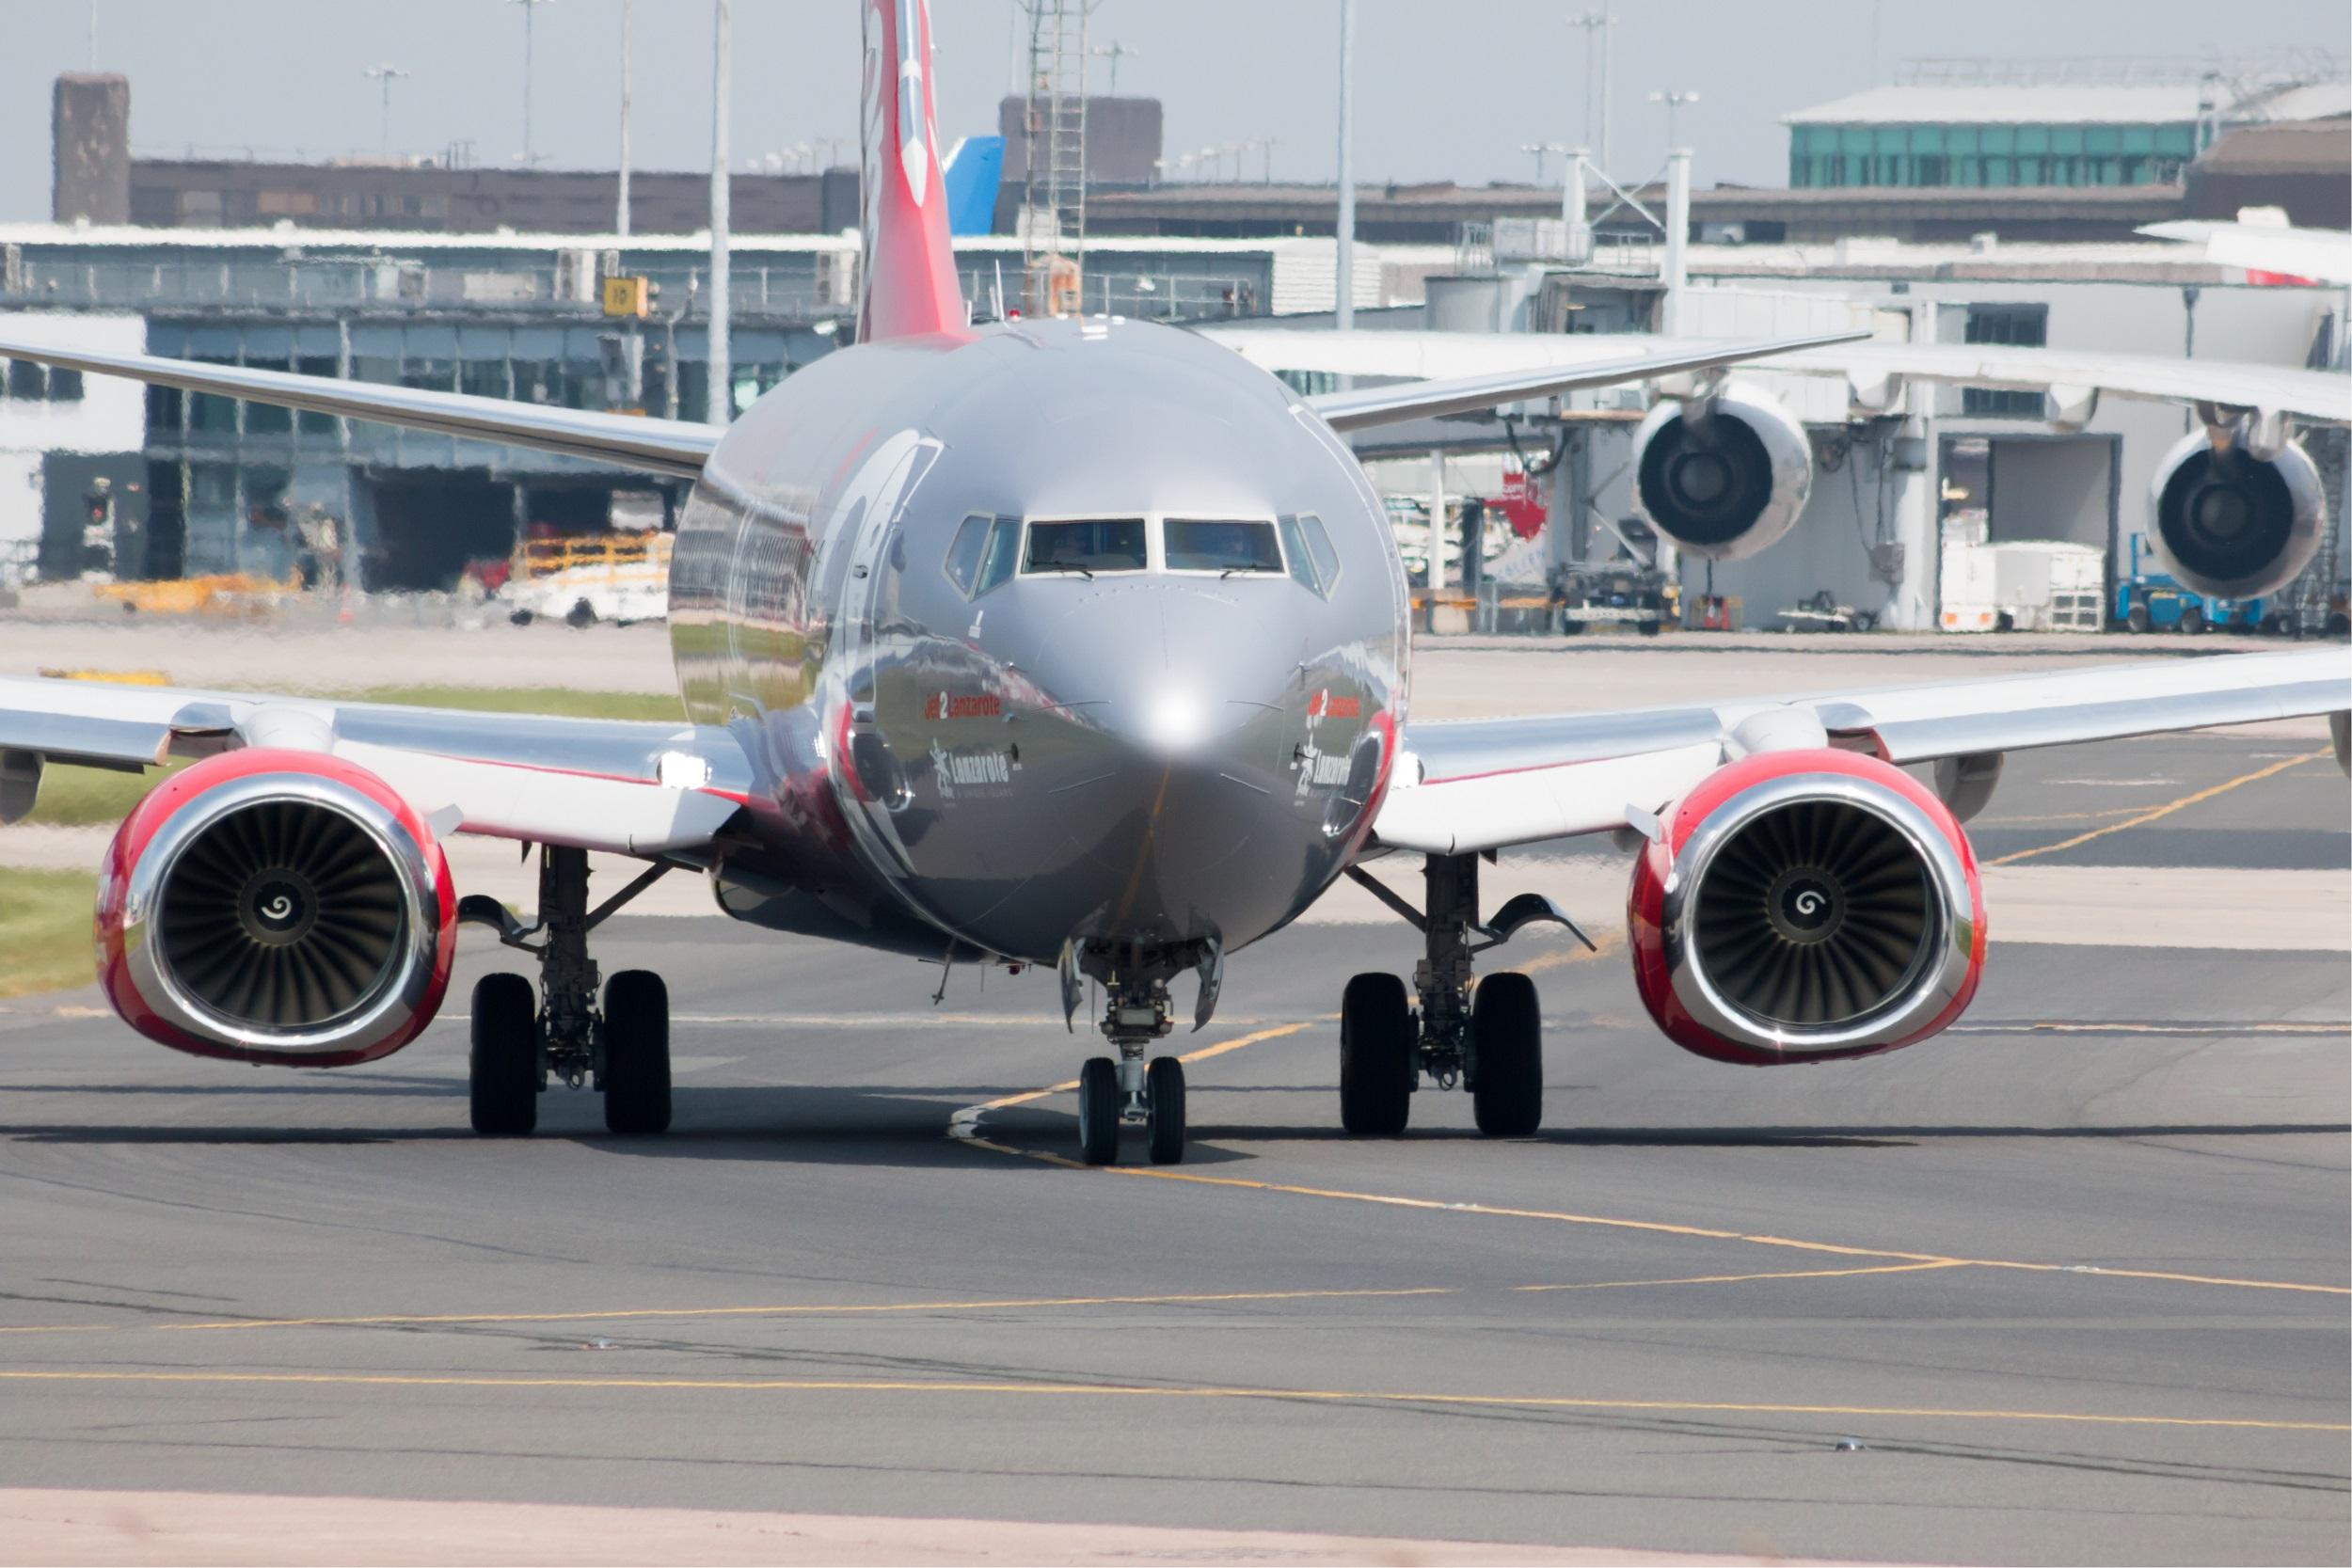 jet2 samolot